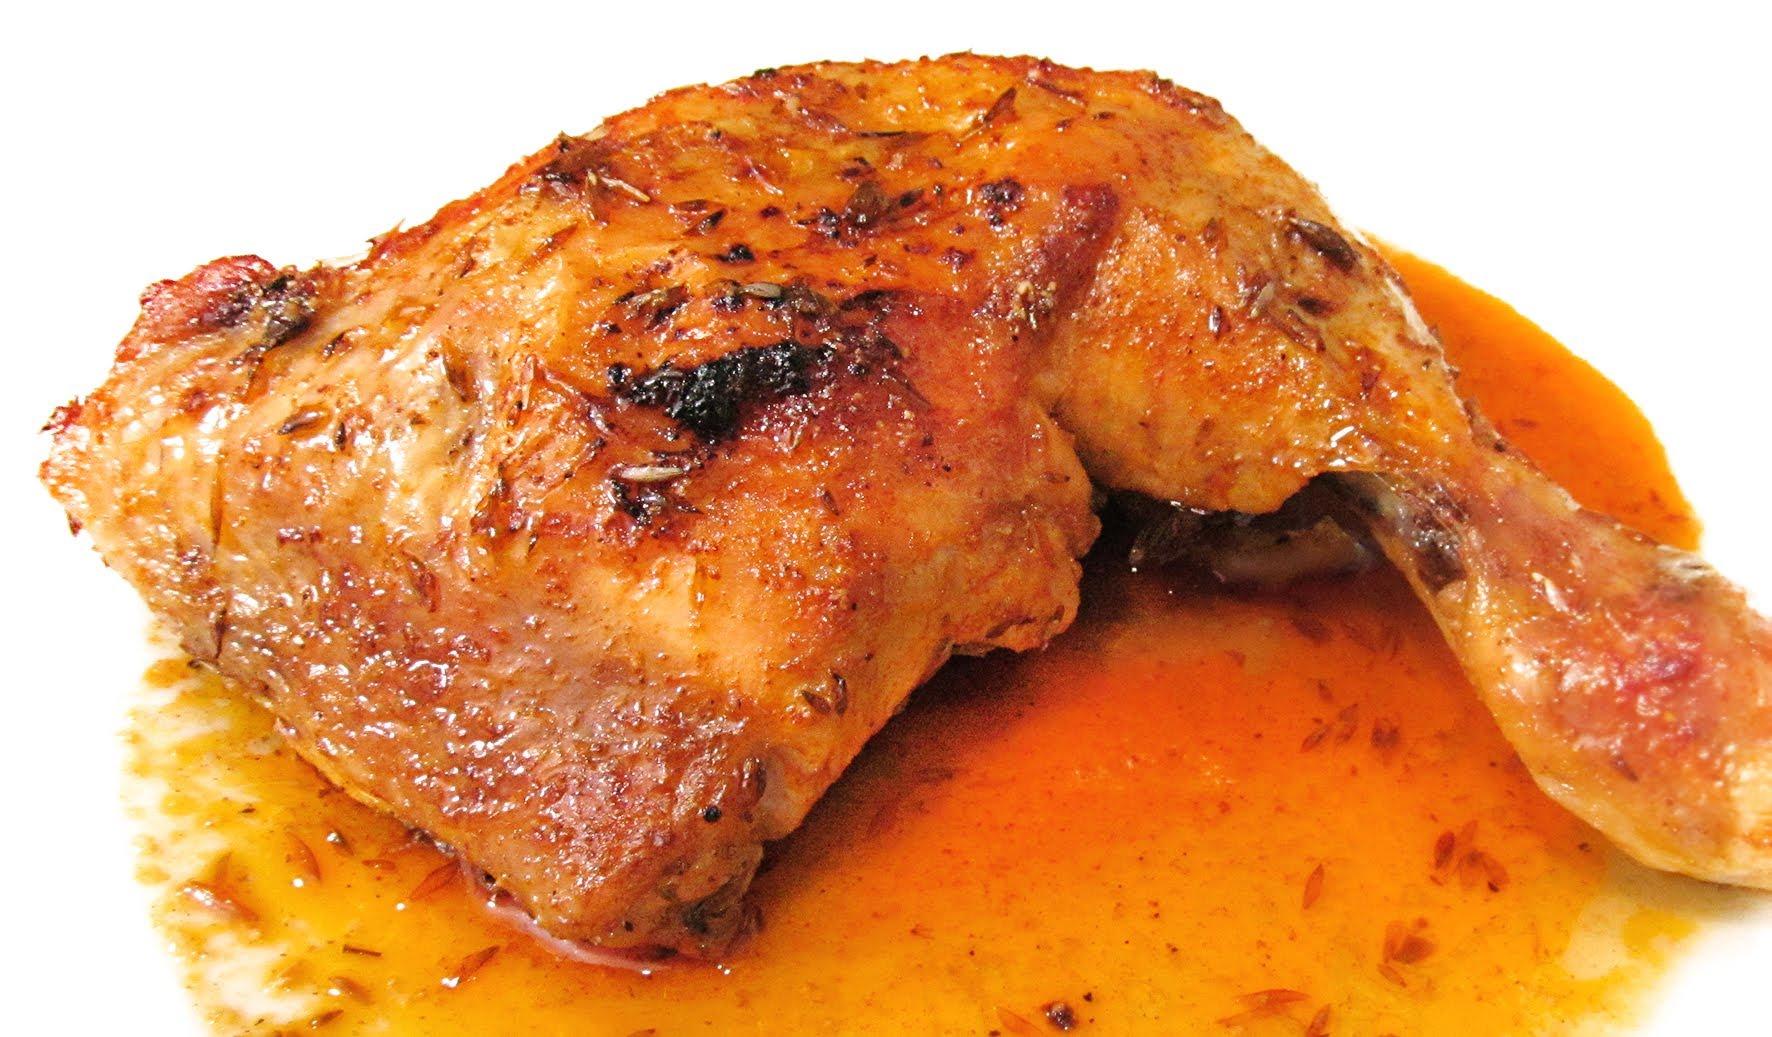 Receta de Tiras de pollo al horno crujientes